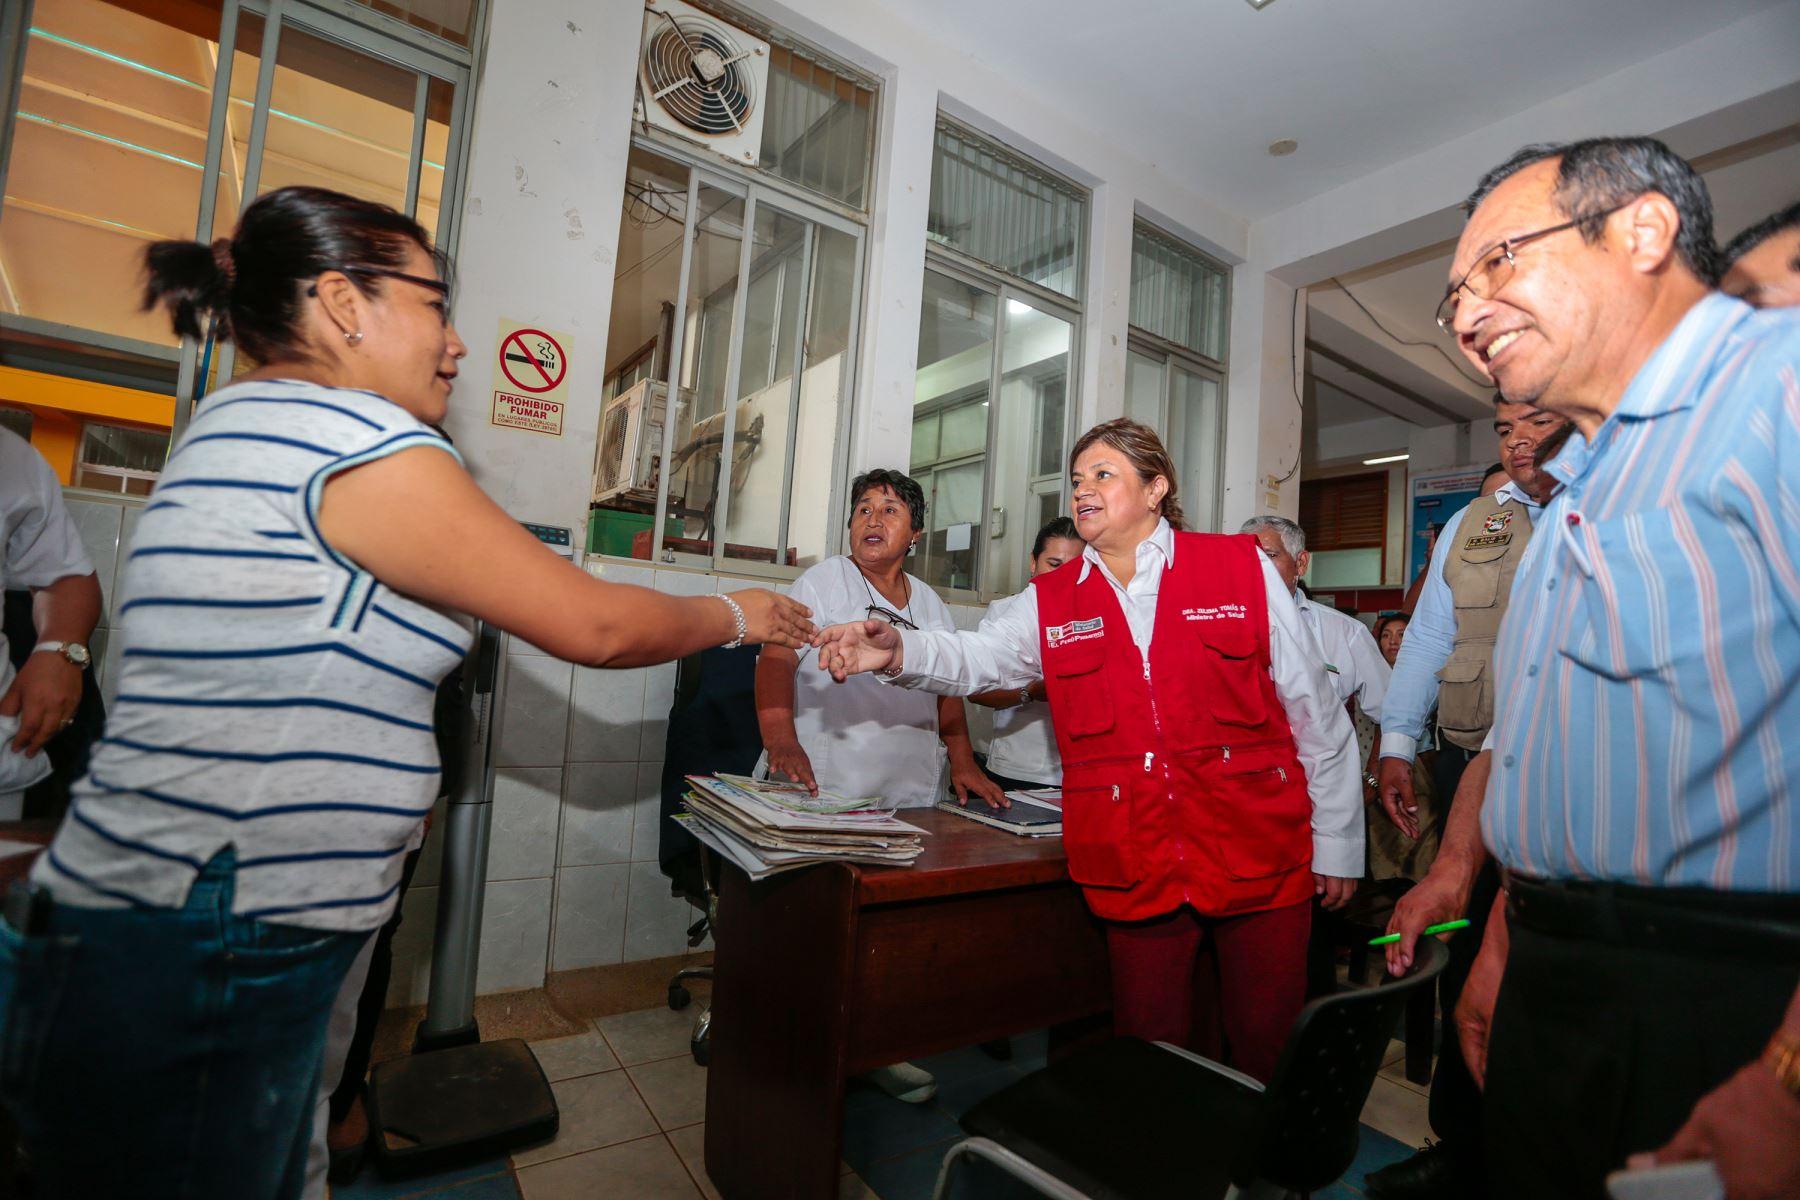 Ministra de Salud, Zulema Tomás anuncia la construcción de dos nuevos hospitales en Madre de Dios. Así mismo visitó centros de salud de la región para conocer las necesidades de cada establecimiento.  Foto: MINSA